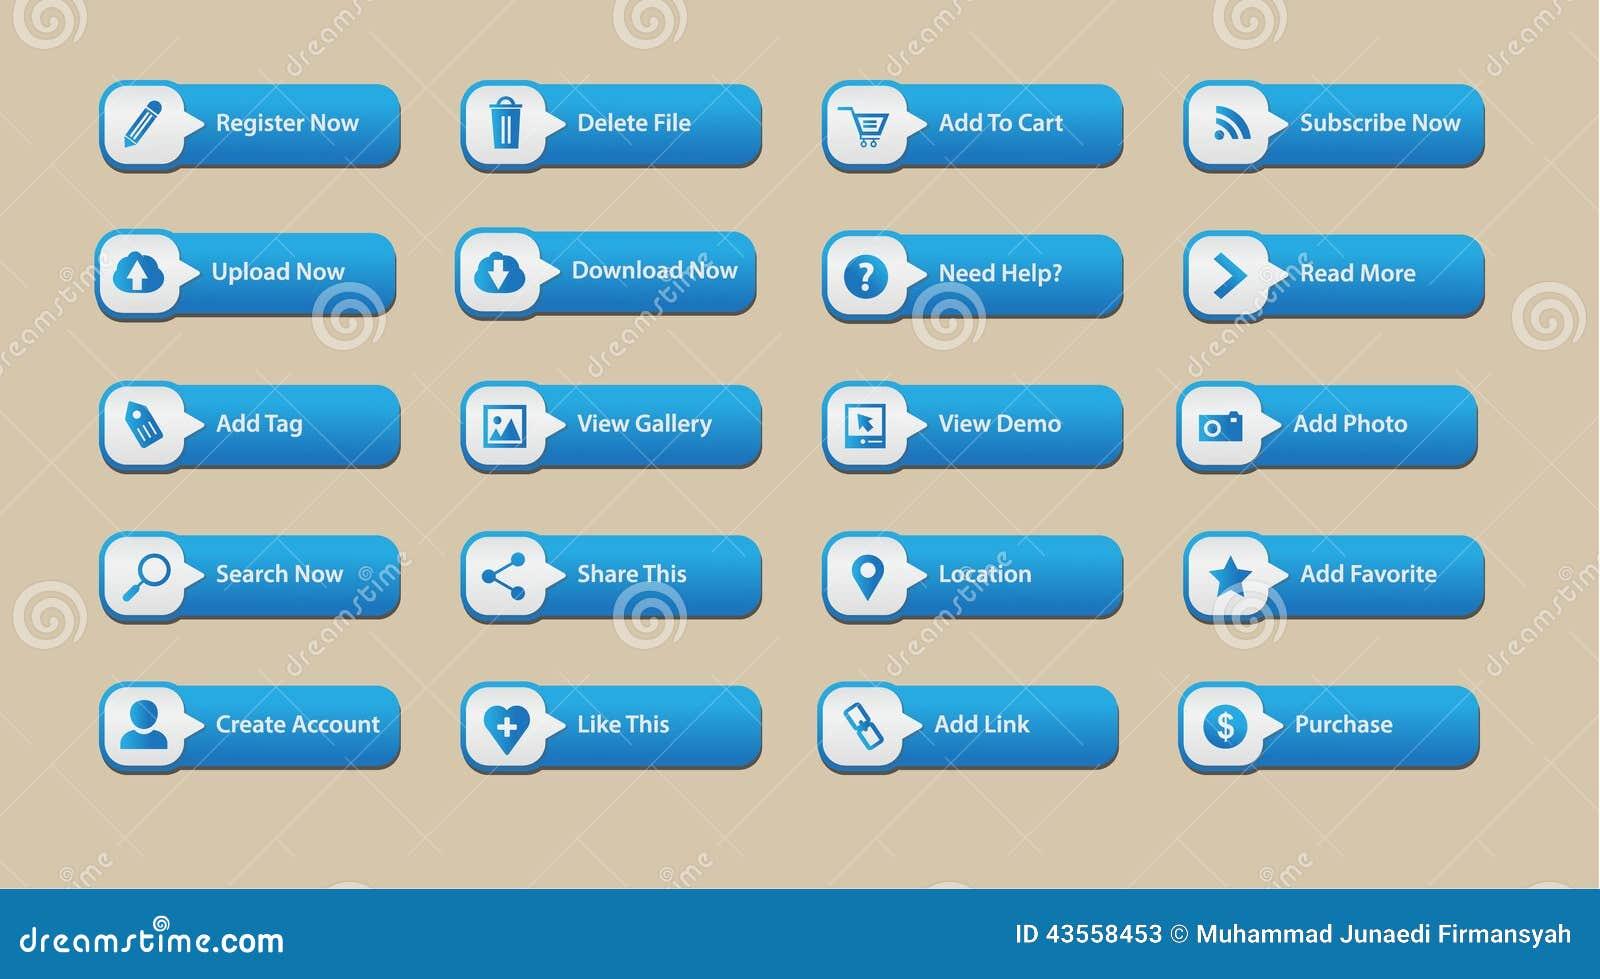 Web Button Element